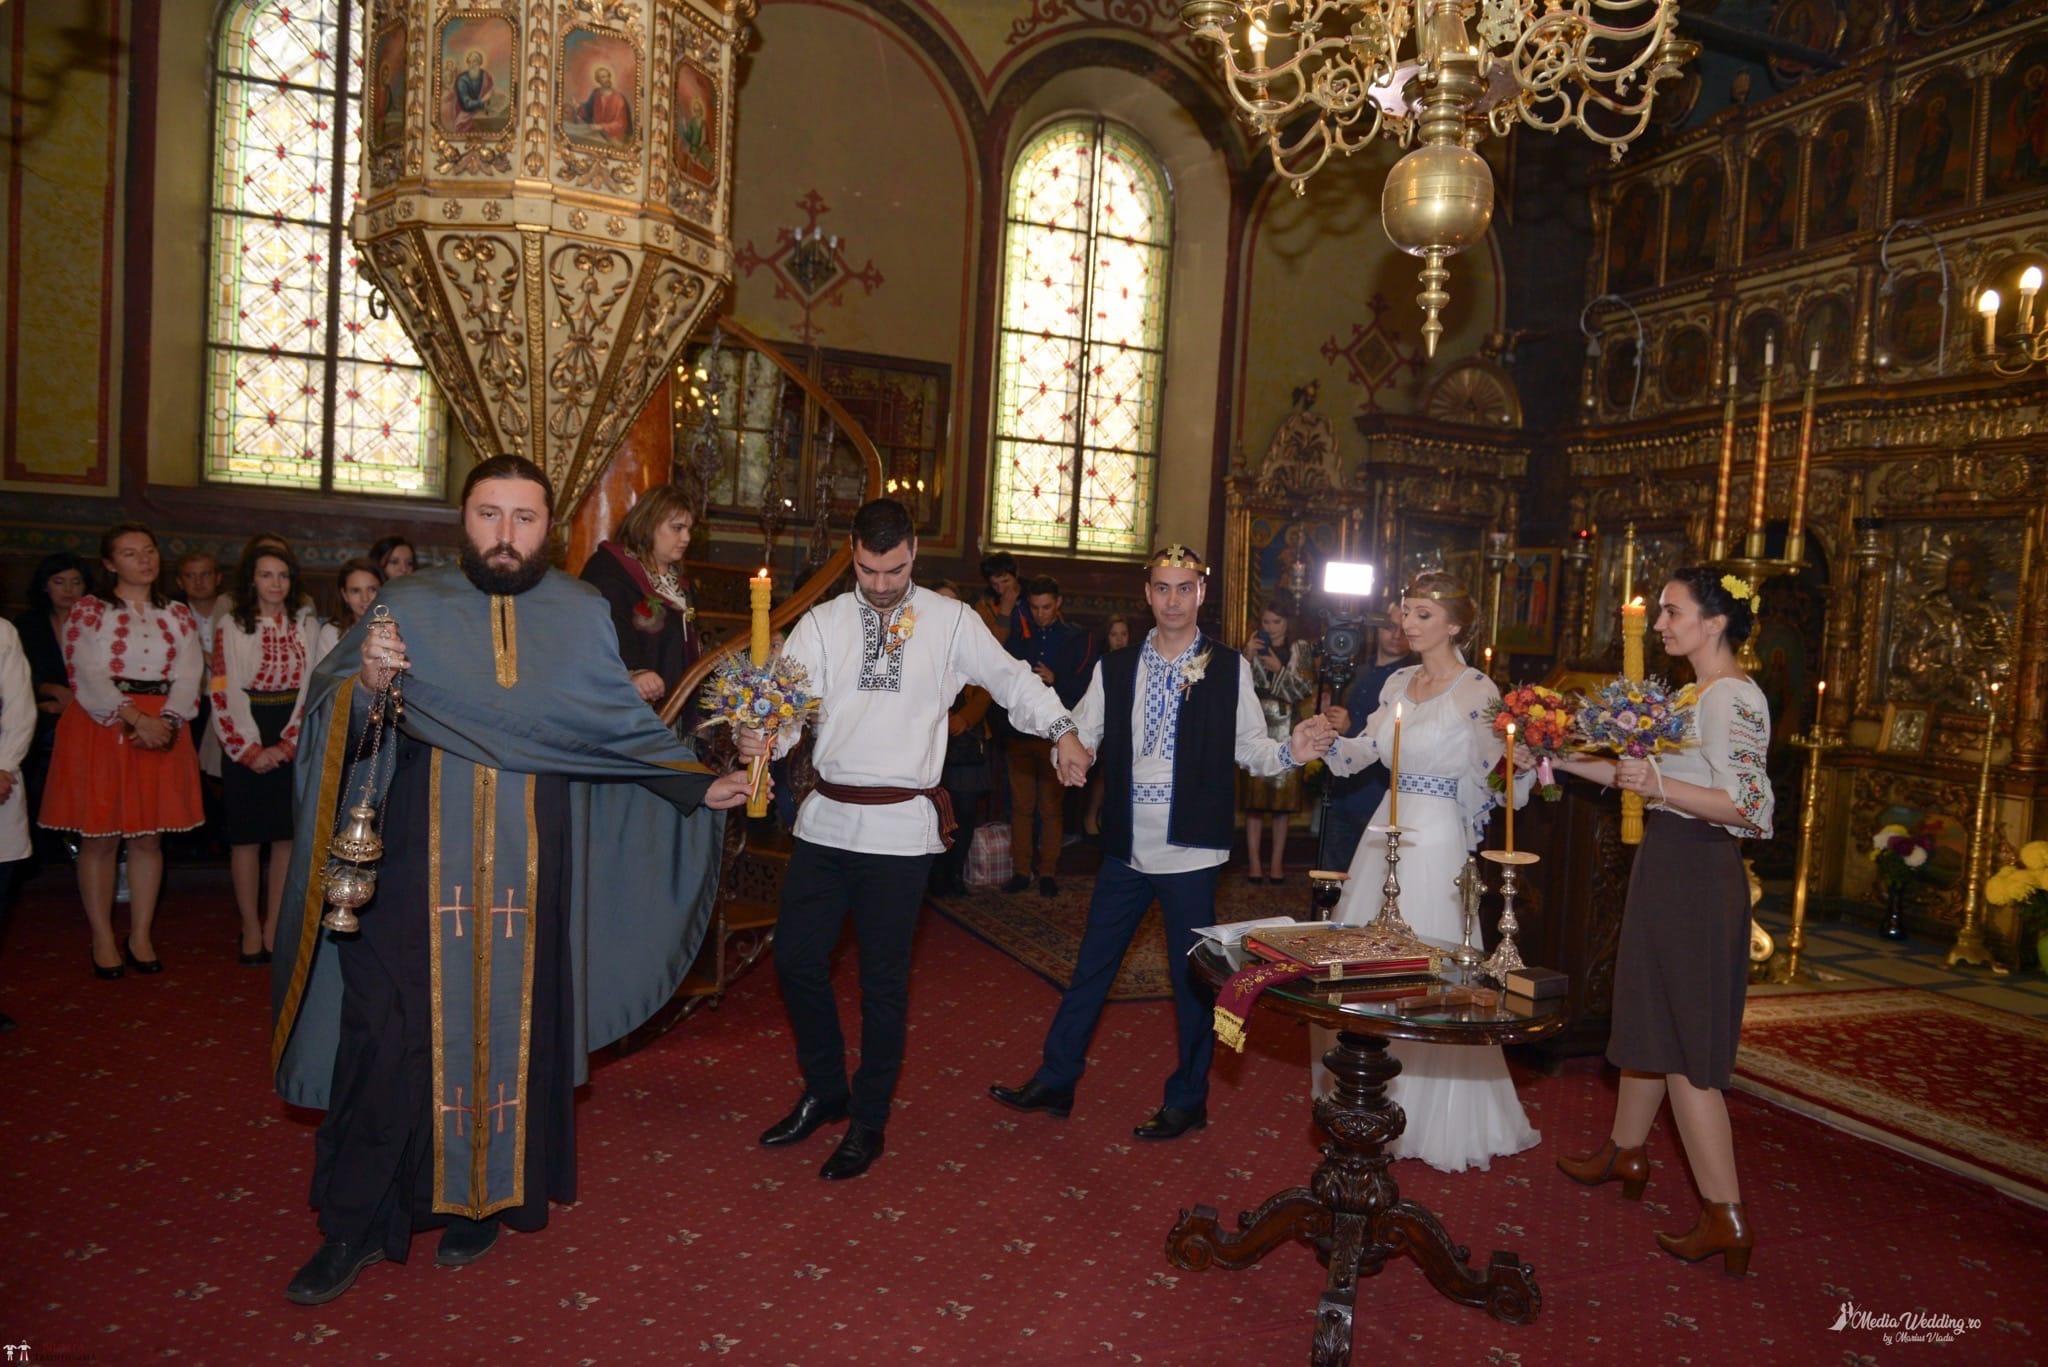 Povești Nunți Tradiționale - Alina-Maria și Ilie, nuntă tradițională în București 15